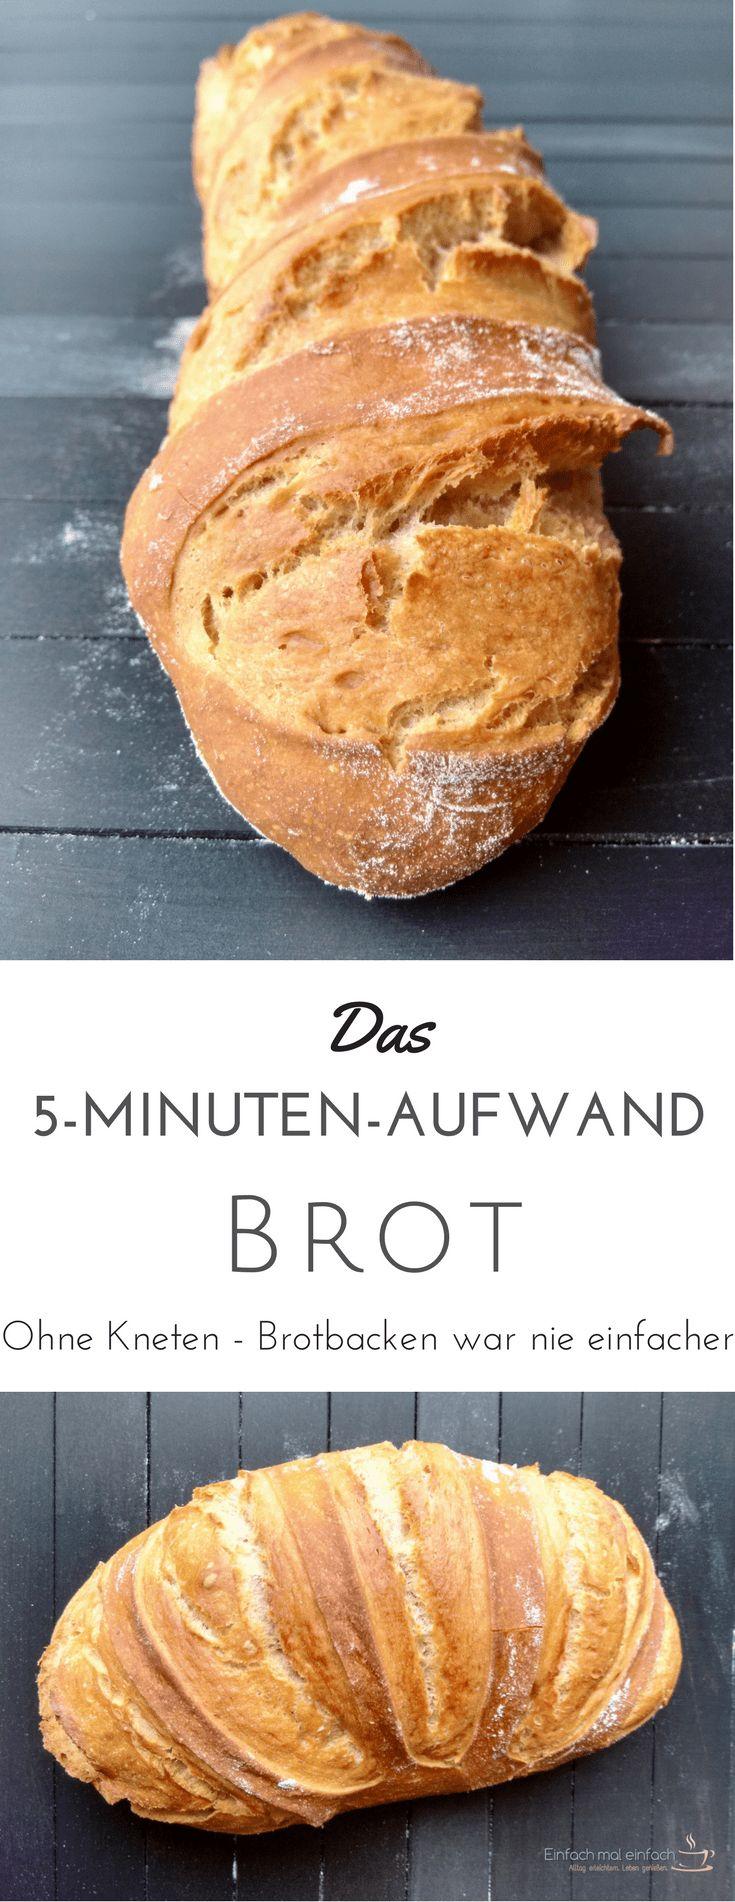 Brot backen mit 5 Minuten Aufwand